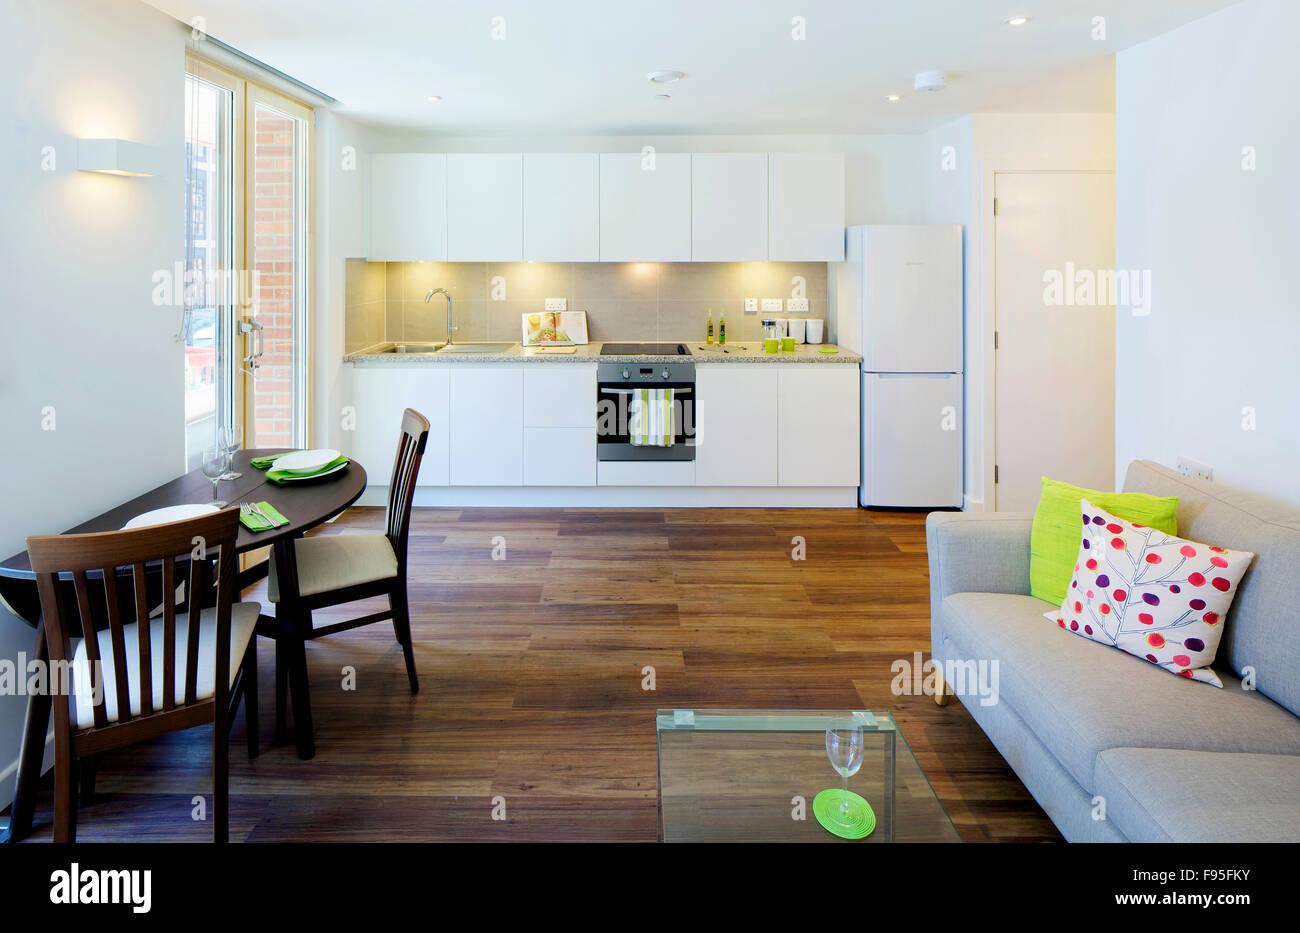 Ein Church Square, London, UK. Blick auf eine offene Küche und ...